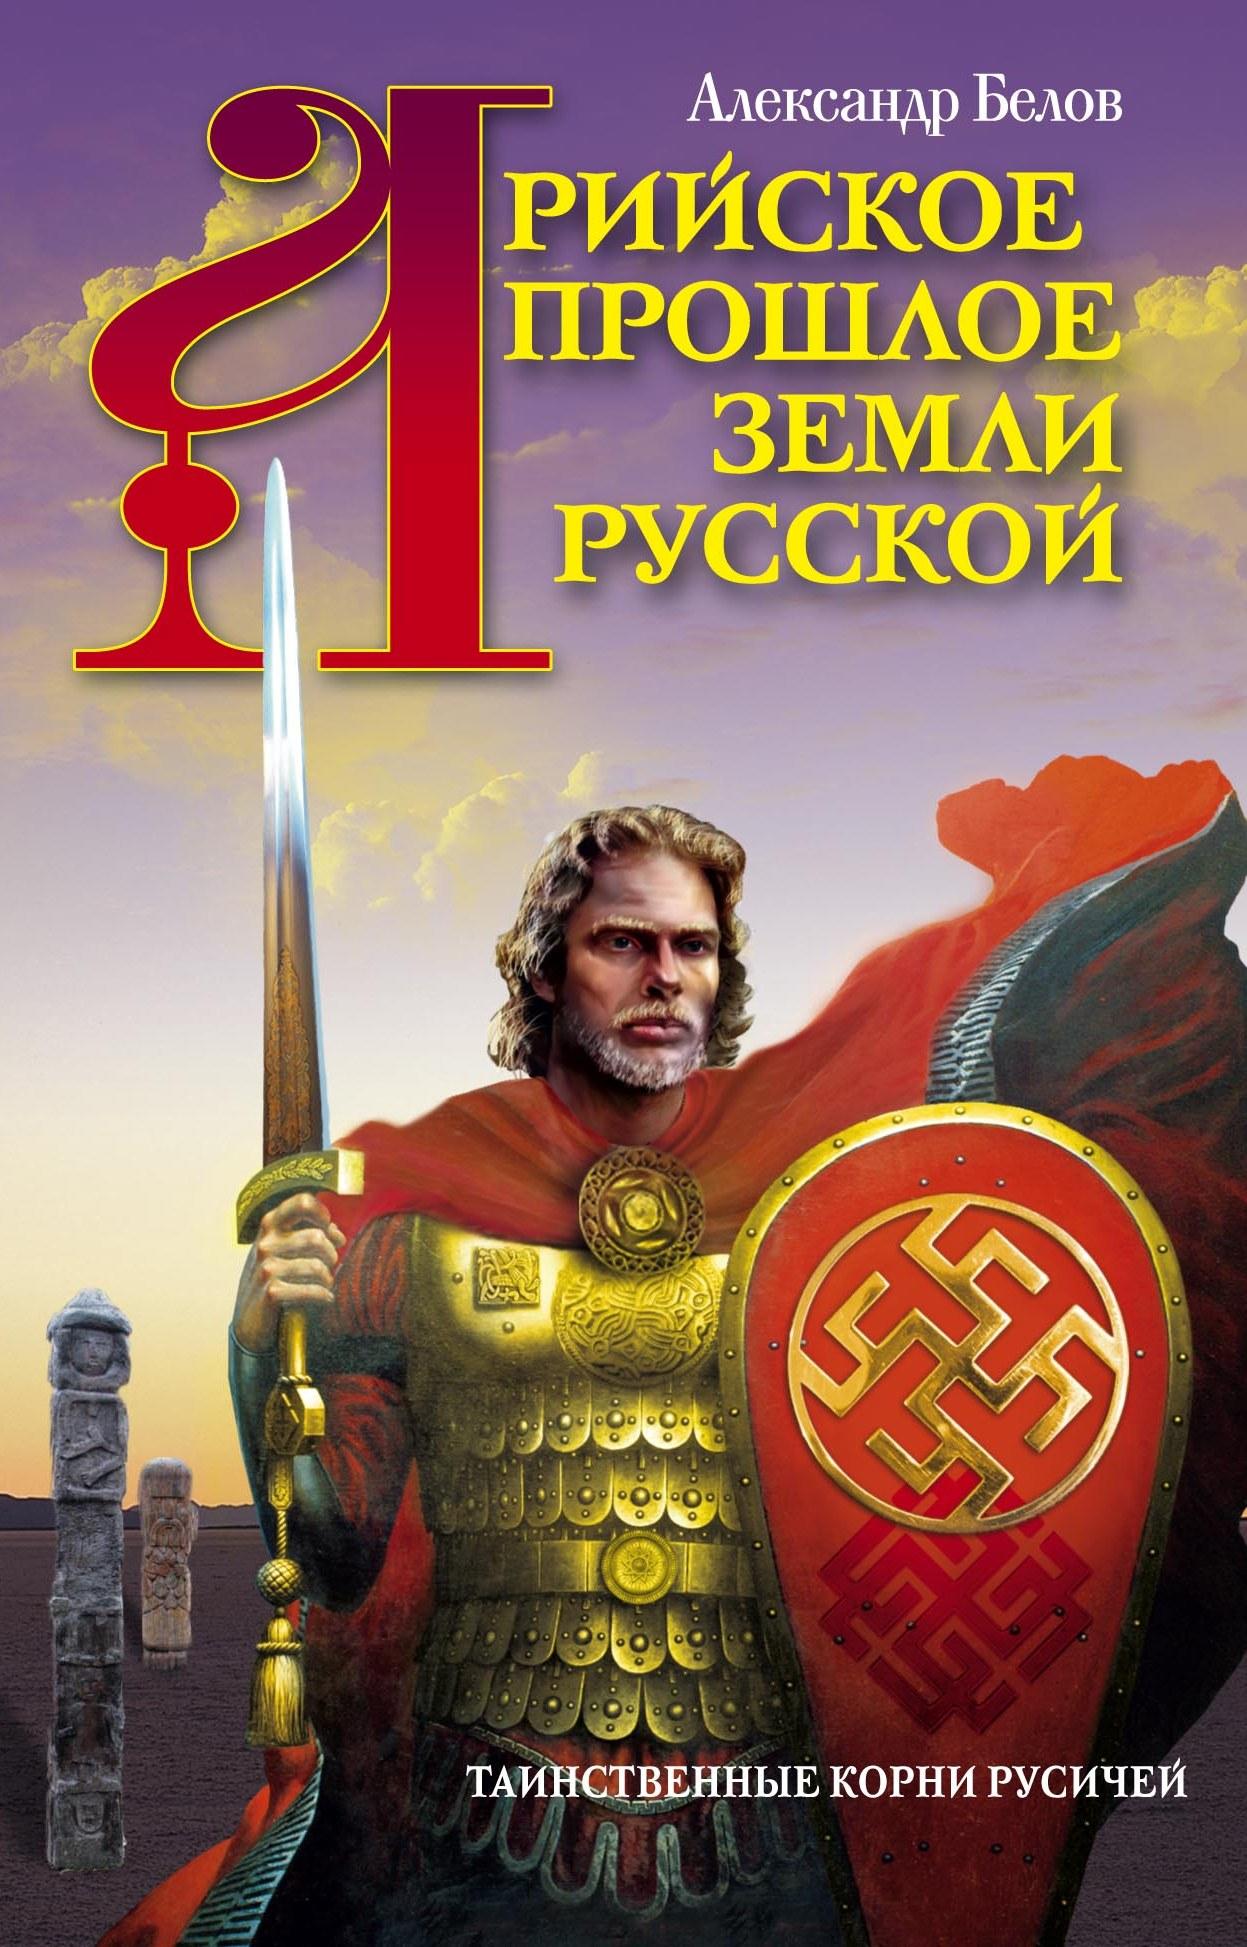 Арийское прошлое земли Русской. Таинственные корни русичей